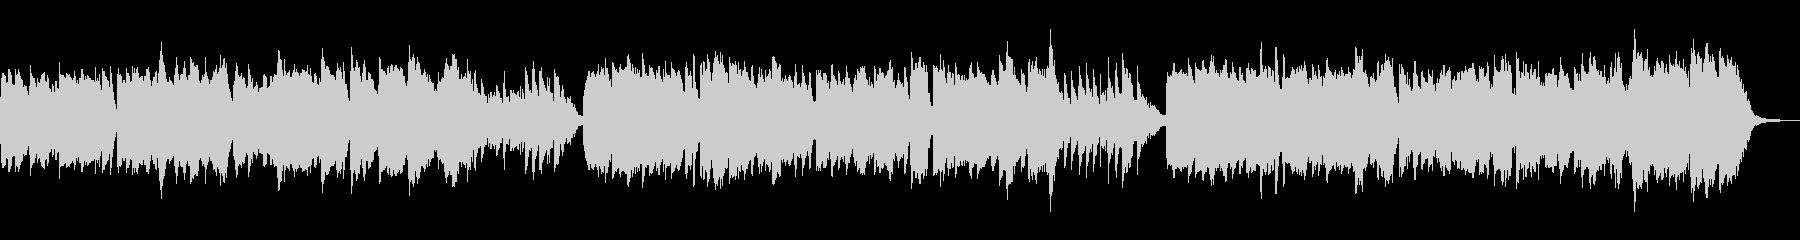 尺八と琴の「うれしいひなまつり」の未再生の波形